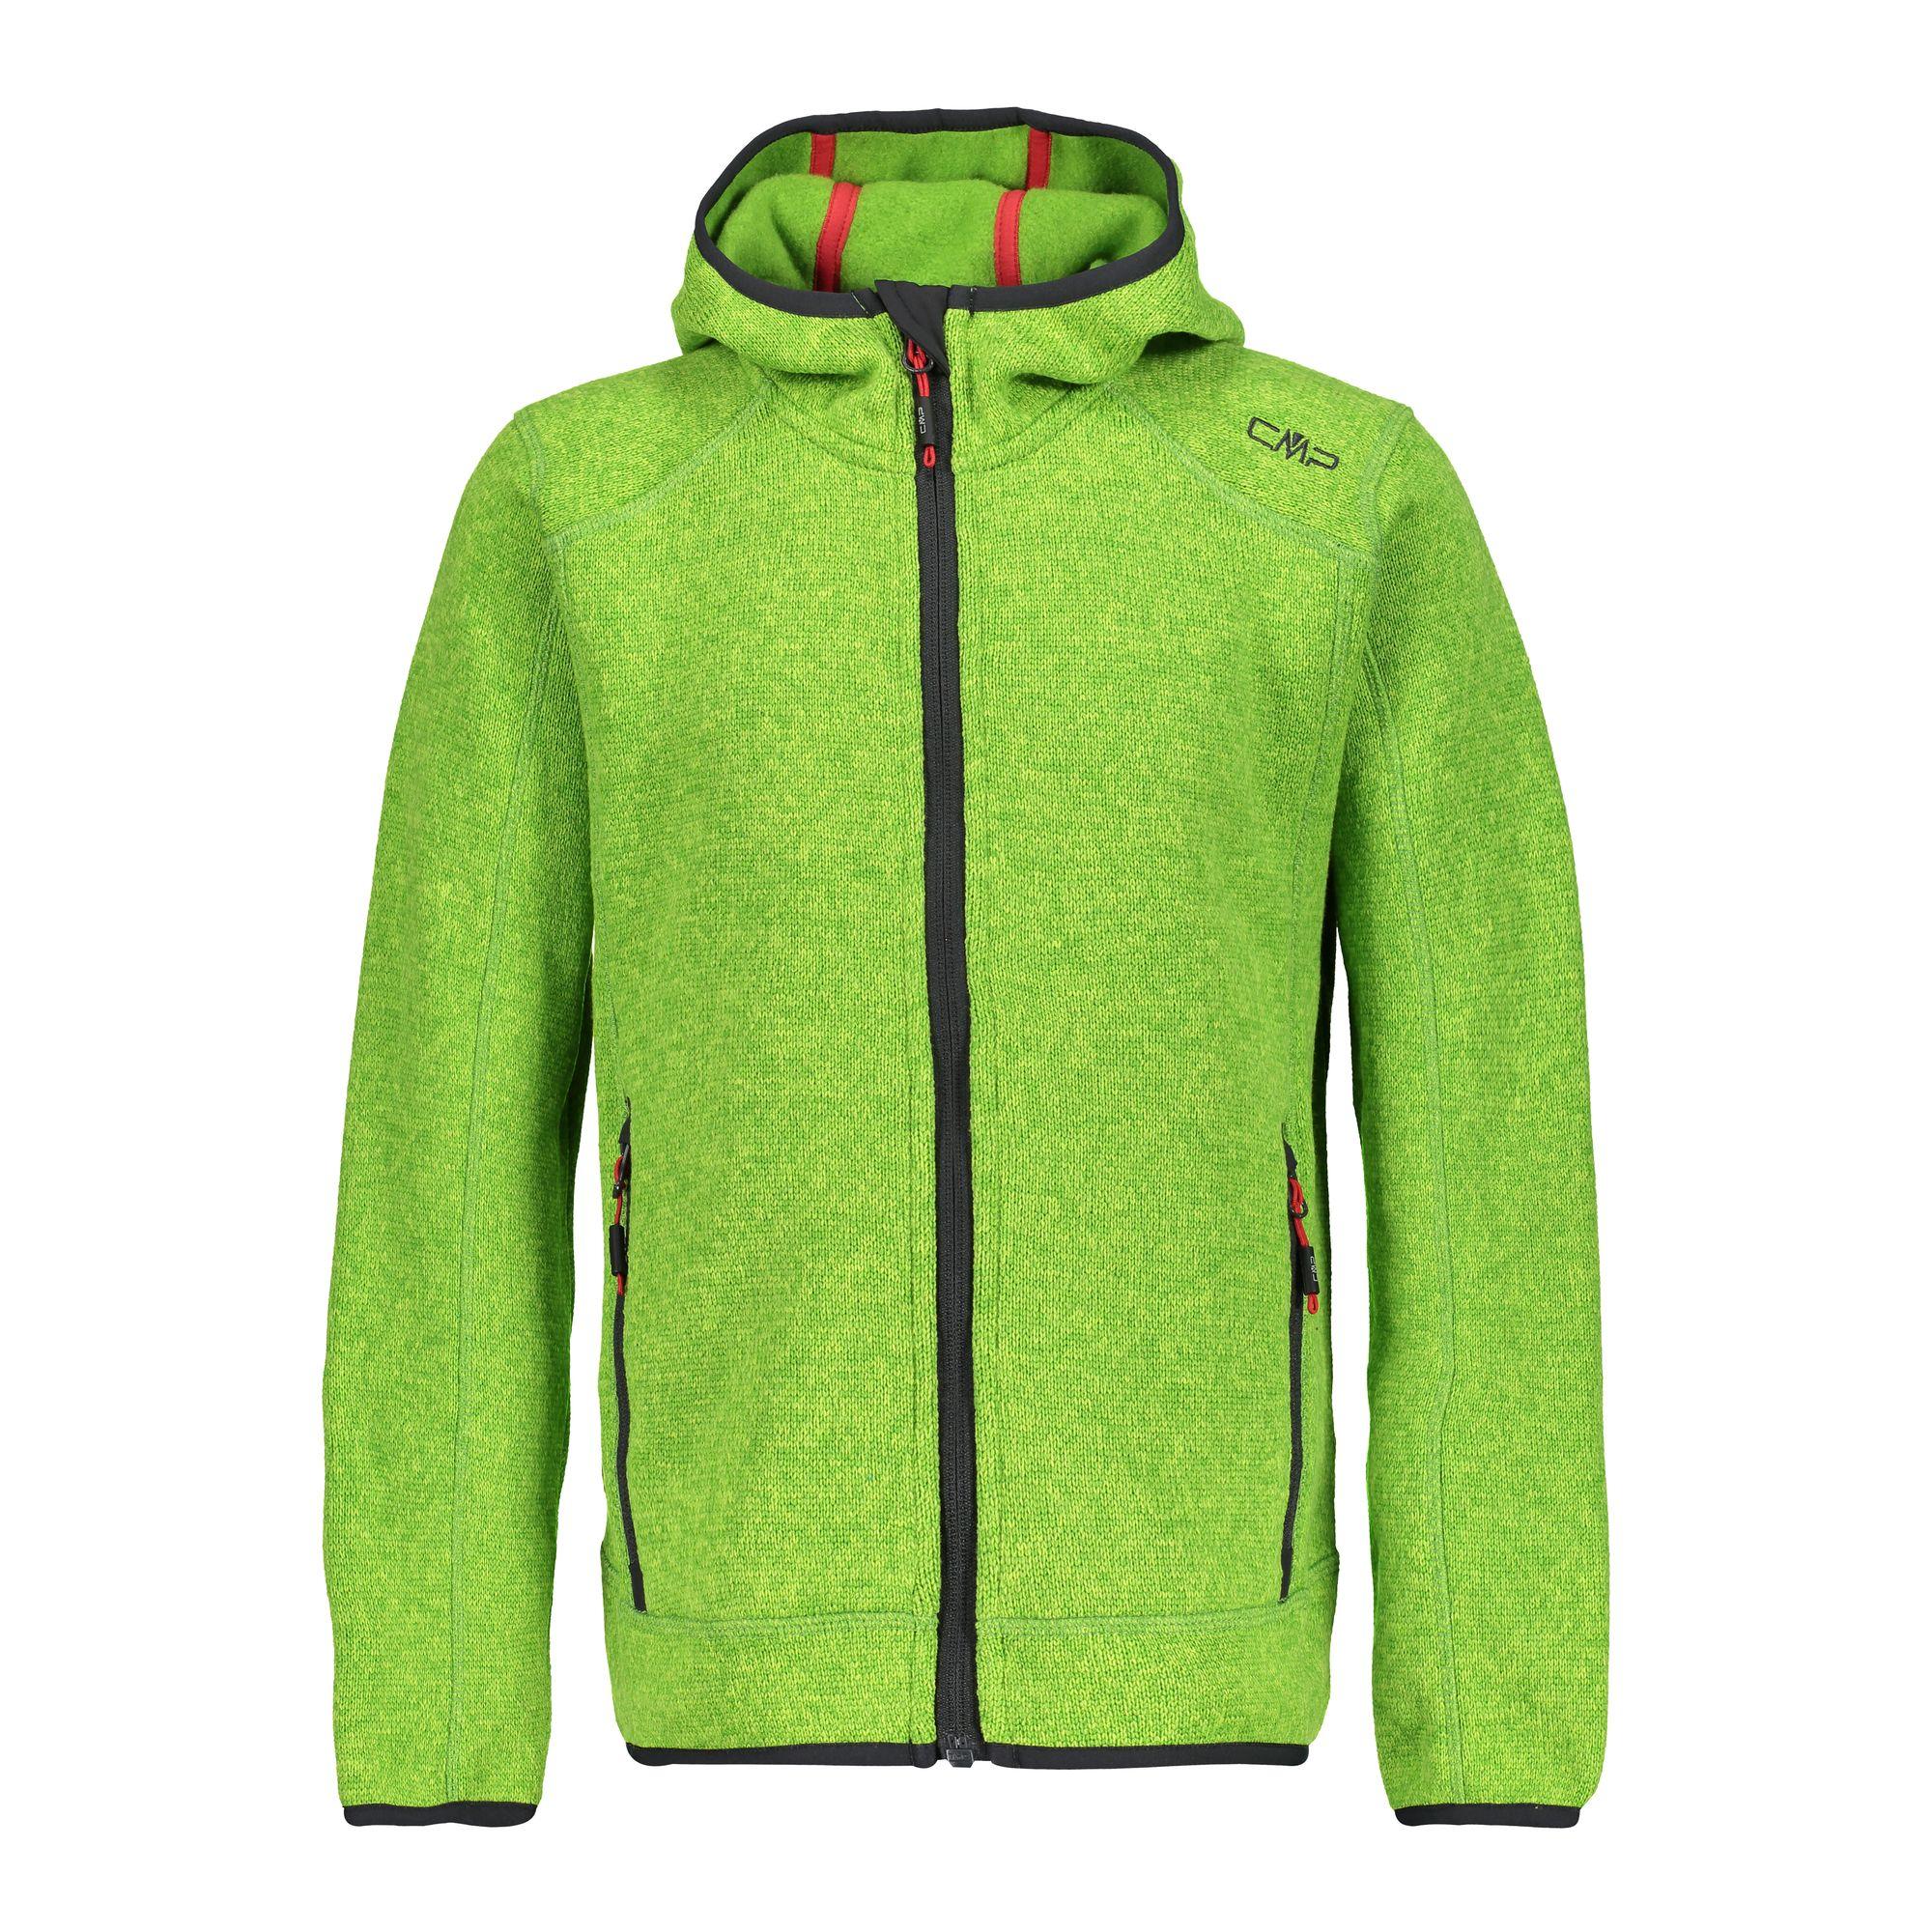 e231ea31d8 CMP Boy Fleece Jacket Fix Hood - Jungen Fleecejacke (3H60844) in ...